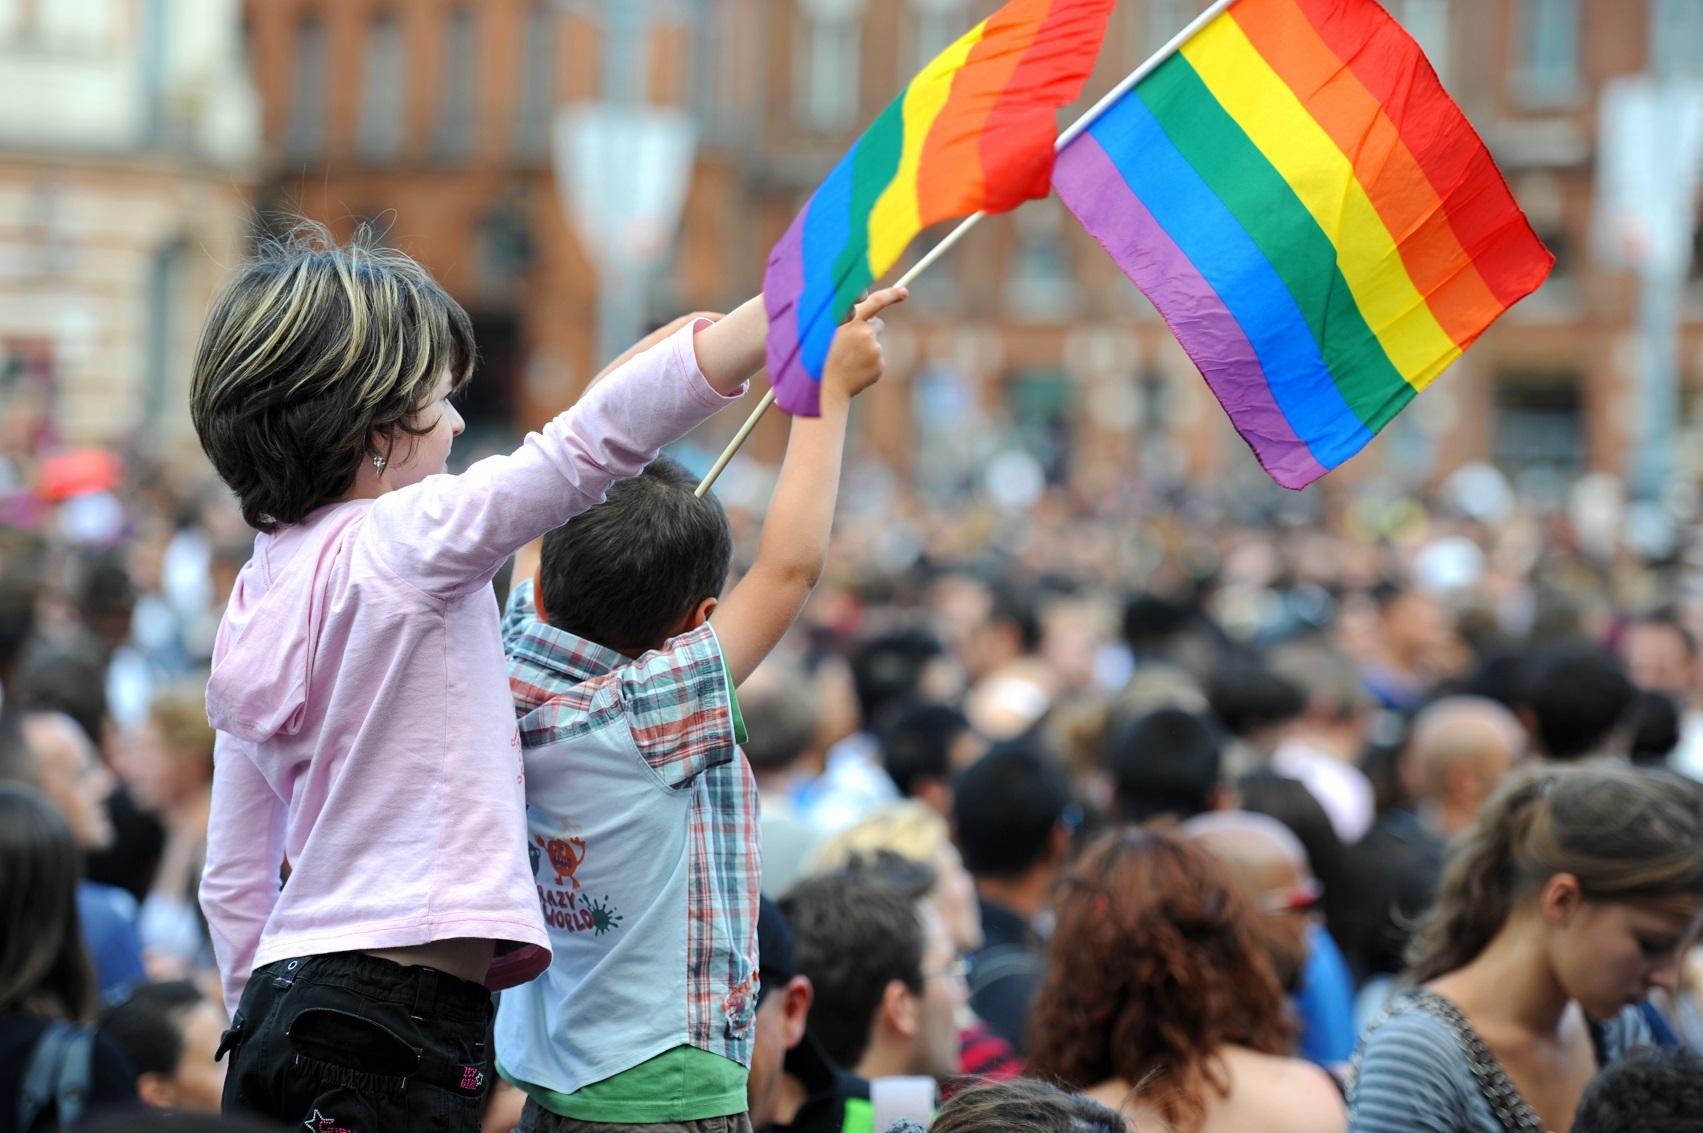 gay_pride_486_marche_des_fiertes_toulouse_2011.jpg